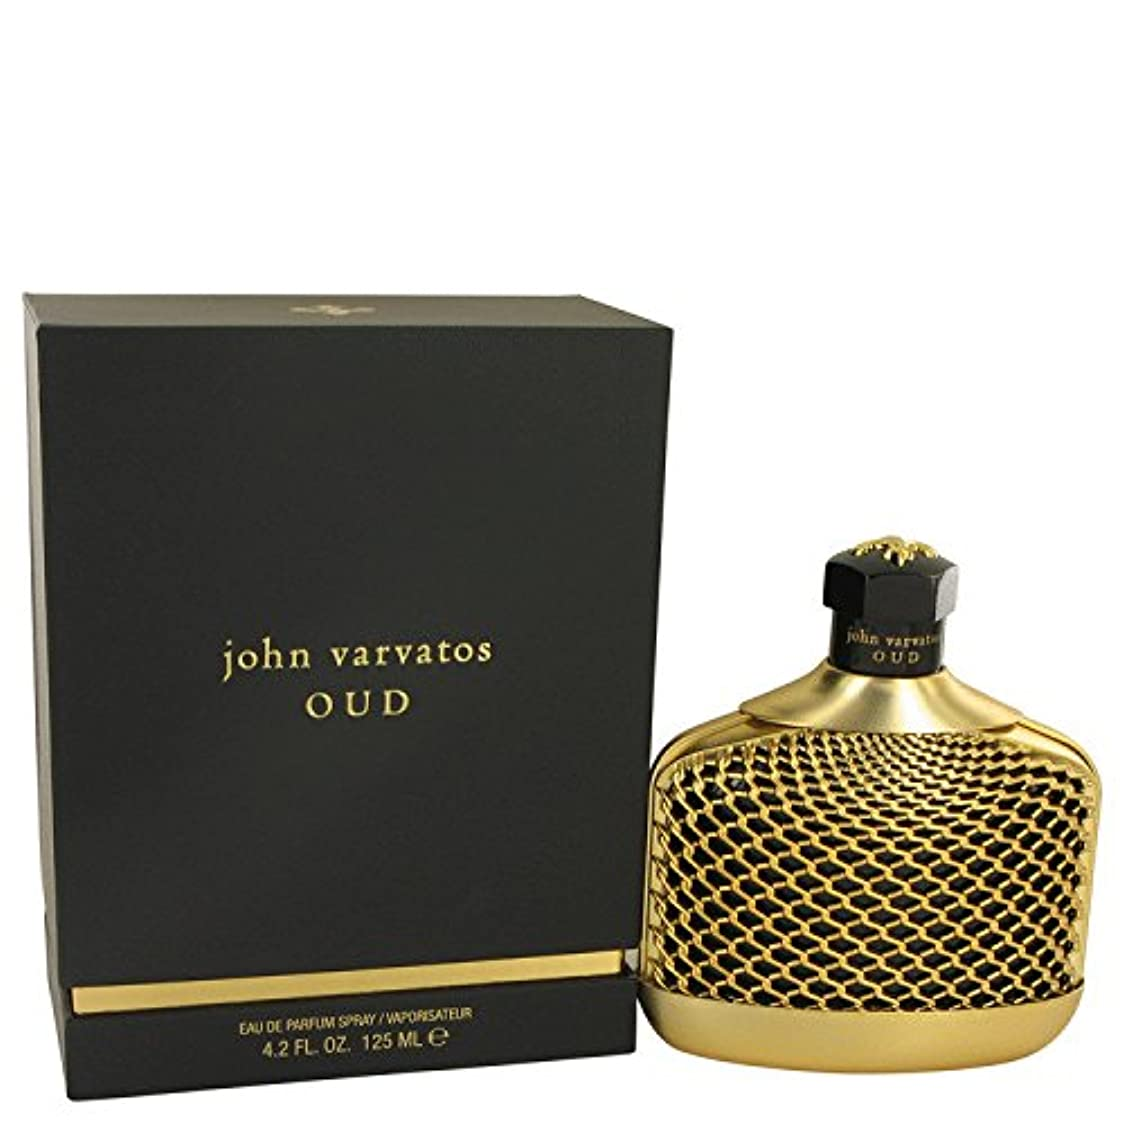 おもしろい突破口課すJohn Varvatos Oud by John Varvatos Eau De Parfum Spray 125 ml [並行輸入品]